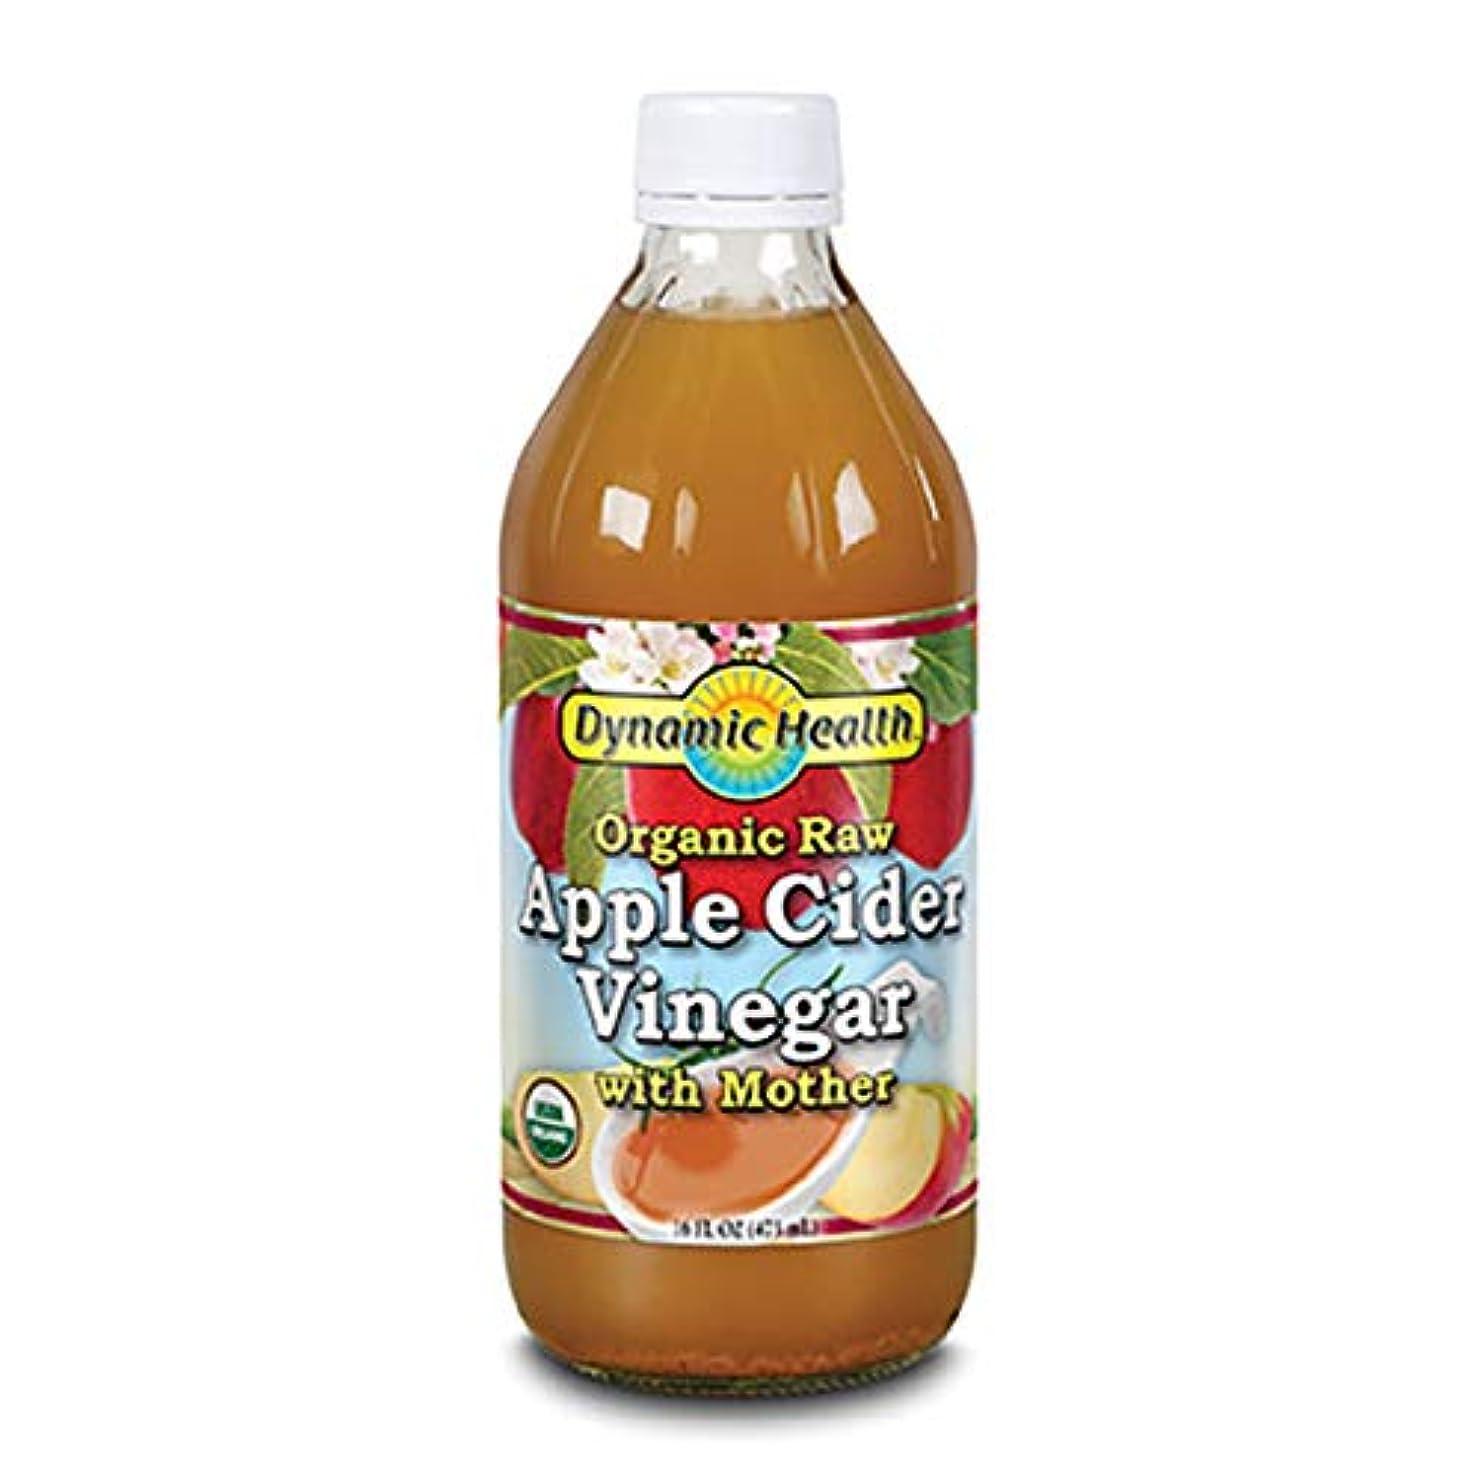 略奪努力咳Dynamic Health Organic Raw Apple Cider Vinegar With Mother  16 oz (473ml) [並行輸入品]